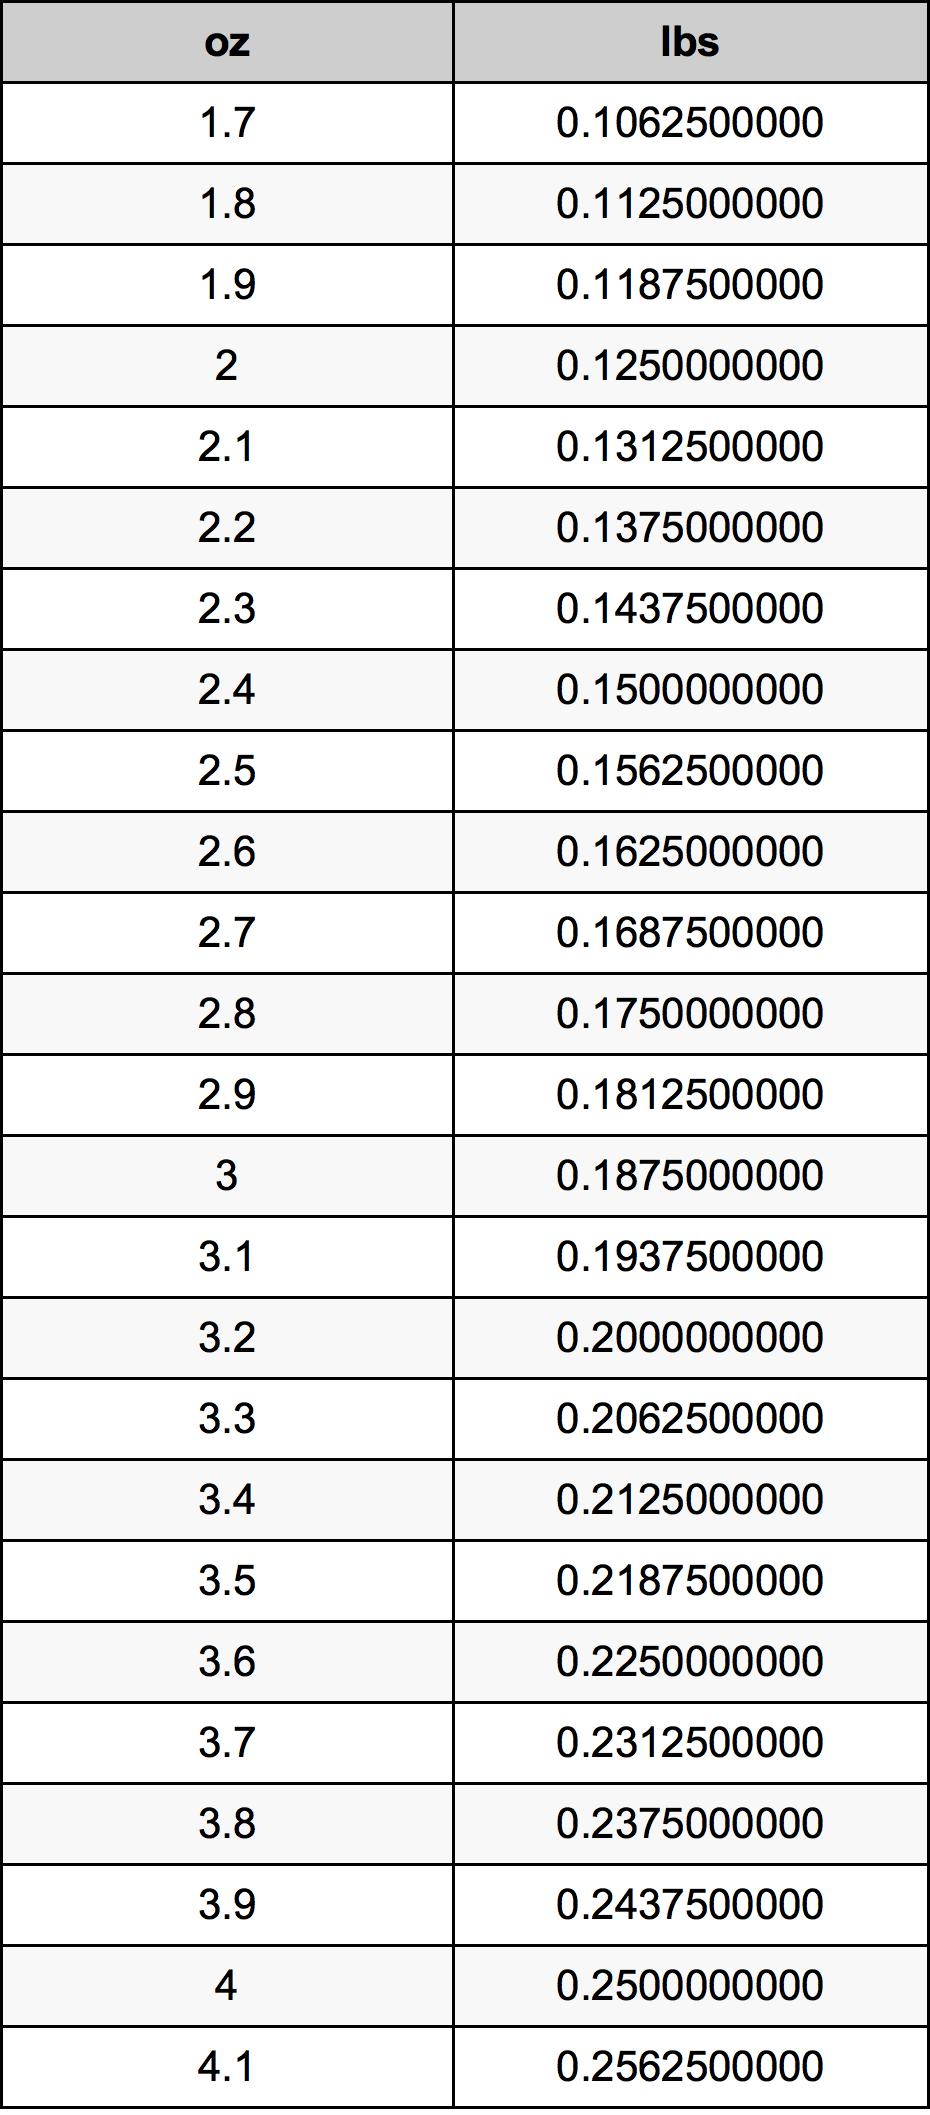 2.9 Ounces To Pounds Converter | 2.9 oz To lbs Converter